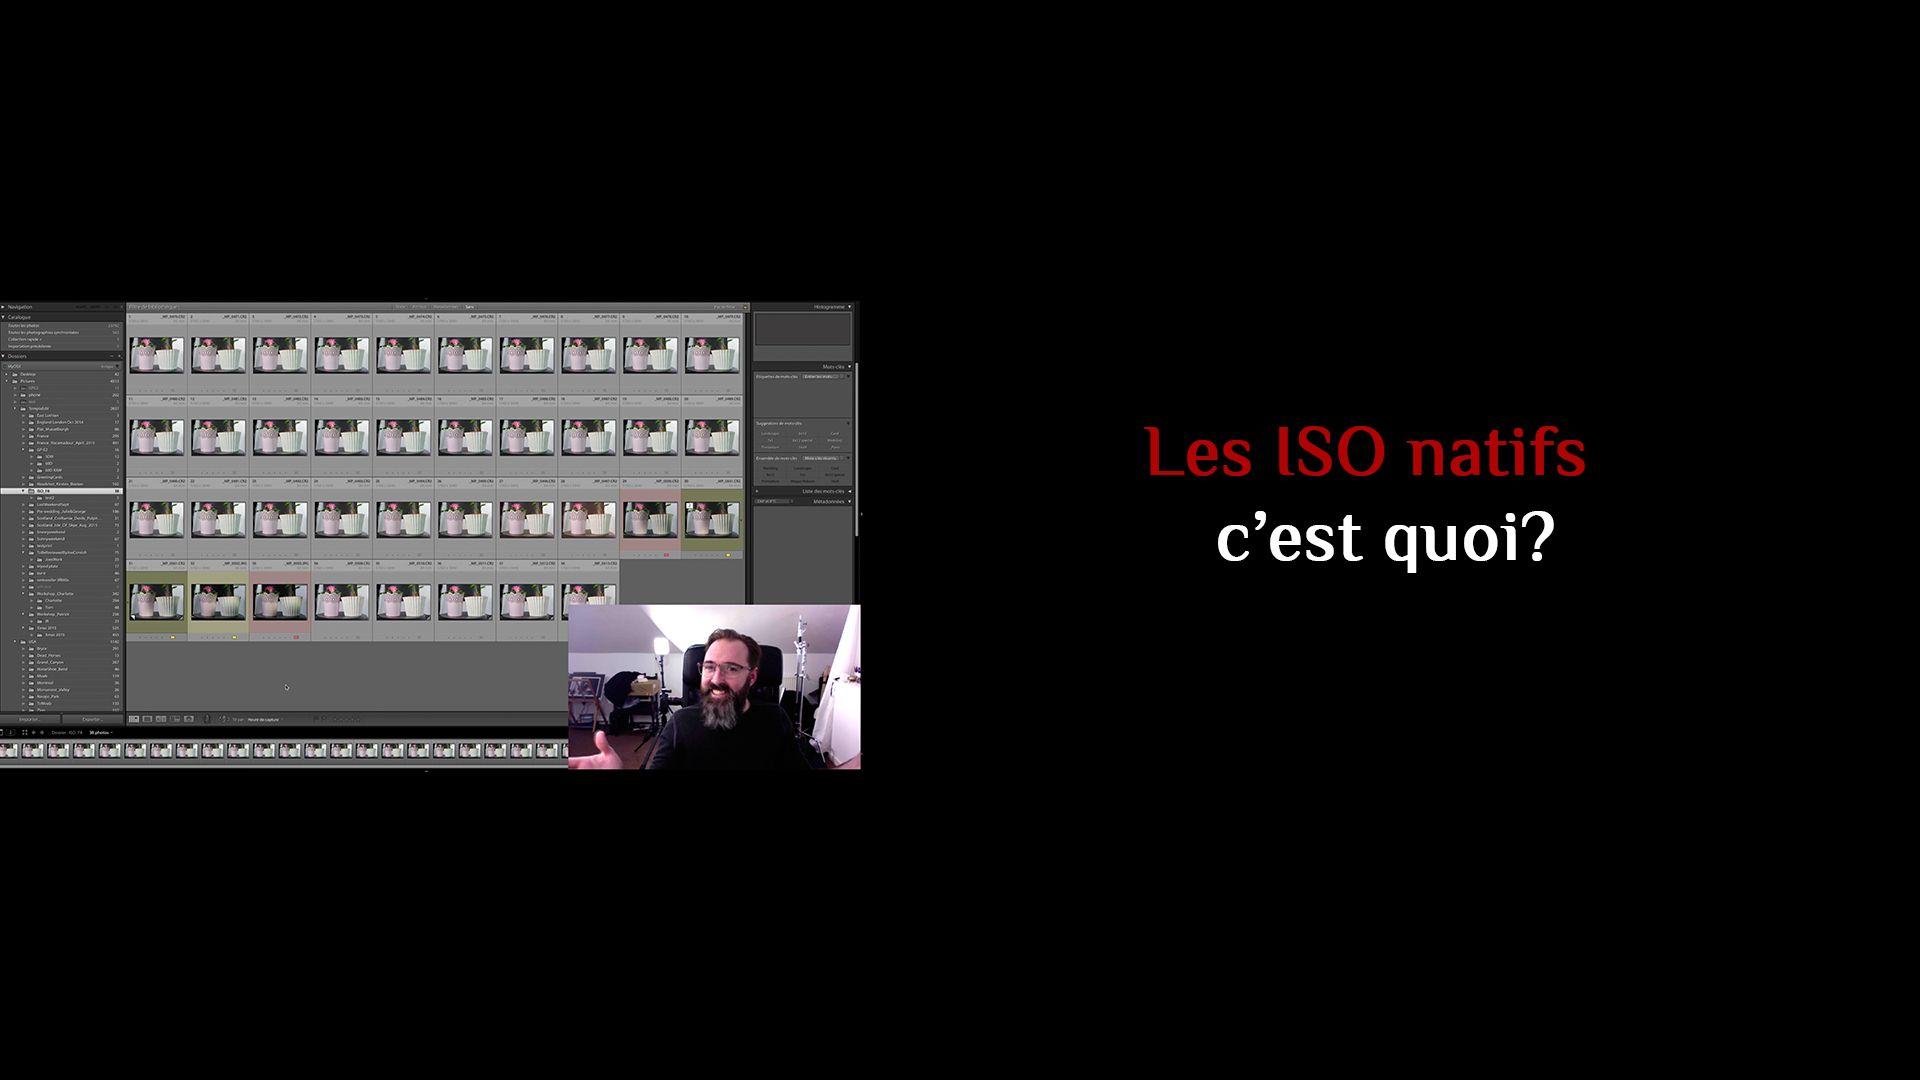 Les ISO Natifs, c'est quoi?